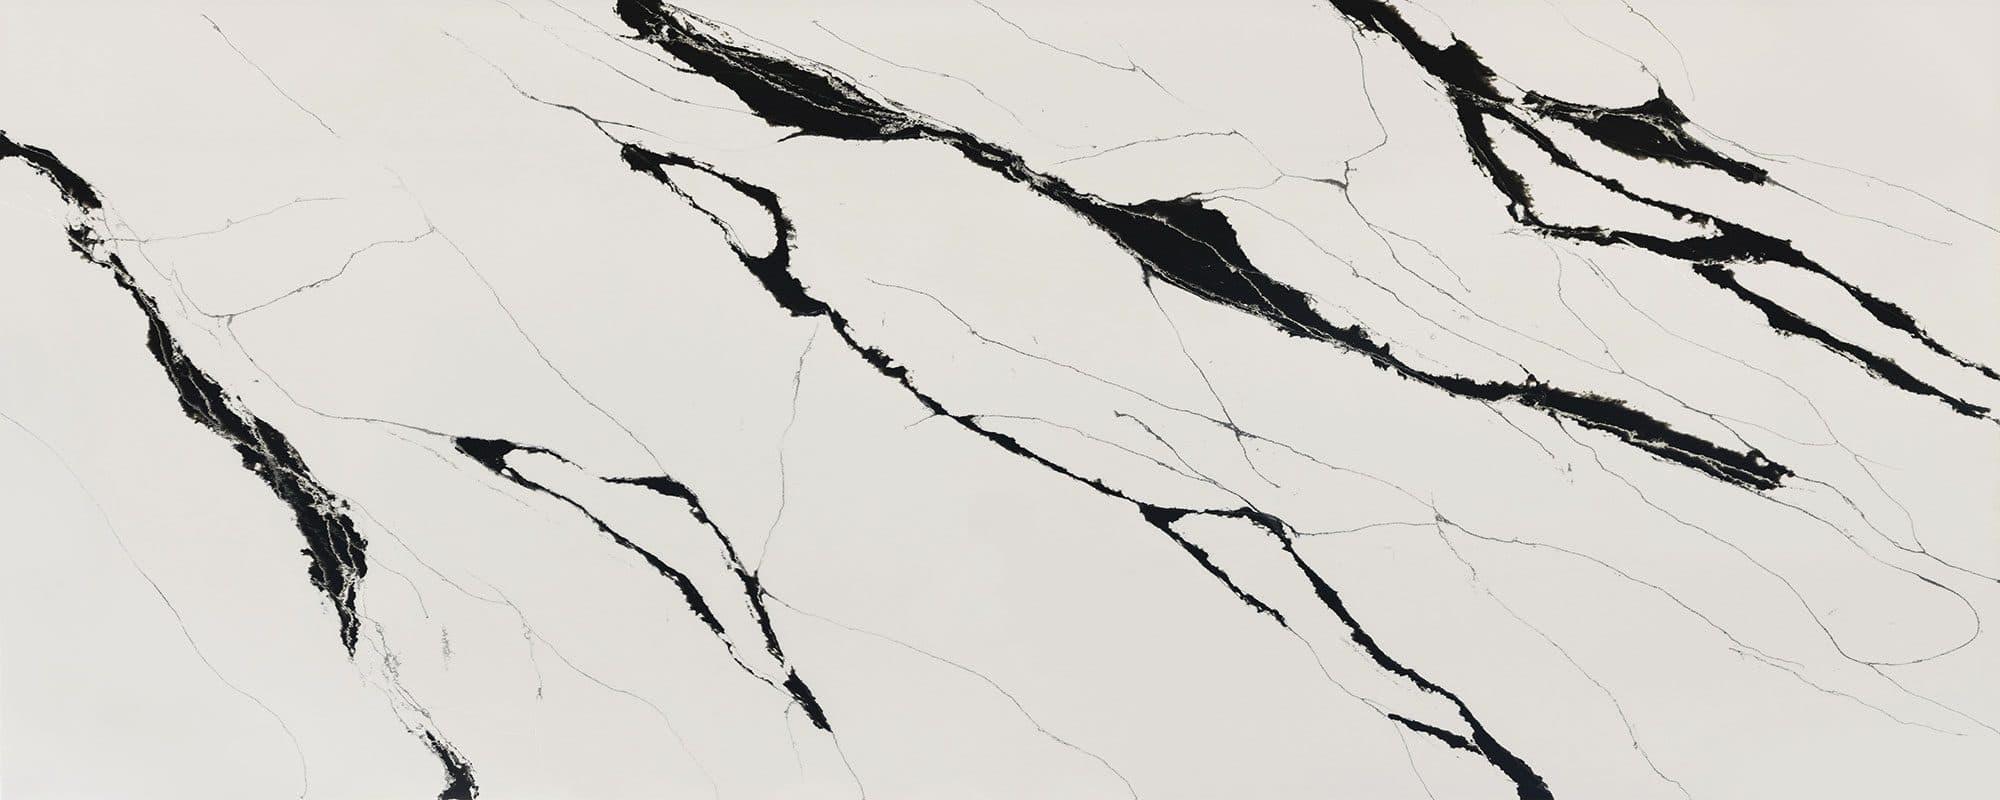 Calacatta Black Quartz Texture